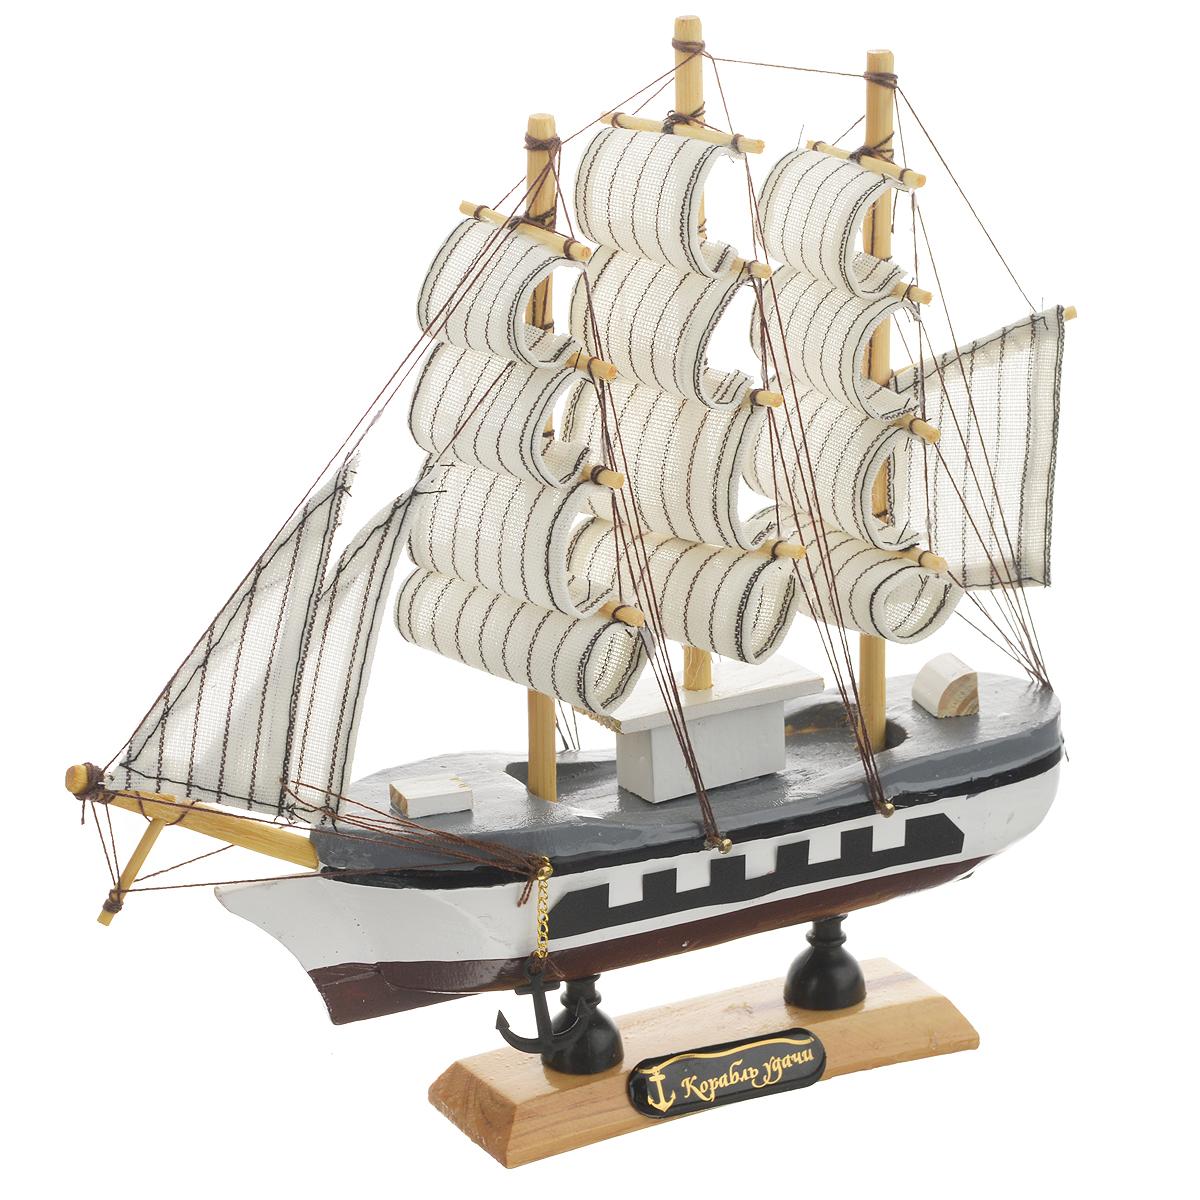 Корабль сувенирный Корабль удачи, длина 20 см. 40482941619Сувенирный корабль Корабль удачи, изготовленный из дерева и текстиля, это великолепный элемент декора рабочей зоны в офисе или кабинете. Корабль с парусами и якорями помещен на деревянную подставку. Время идет, и мы становимся свидетелями развития технического прогресса, новых учений и практик. Но одно не подвластно времени - это любовь человека к морю и кораблям. Сувенирный корабль наполнен историей и силой океанских вод. Данная модель кораблика станет отличным подарком для всех любителей морей, поклонников историй о покорении океанов и неизведанных земель. Модель корабля - подарок со смыслом. Издавна на Руси считалось, что корабли приносят удачу и везение. Поэтому их изображения, фигурки и точные копии всегда присутствовали в помещениях. Удивите себя и своих близких необычным презентом.